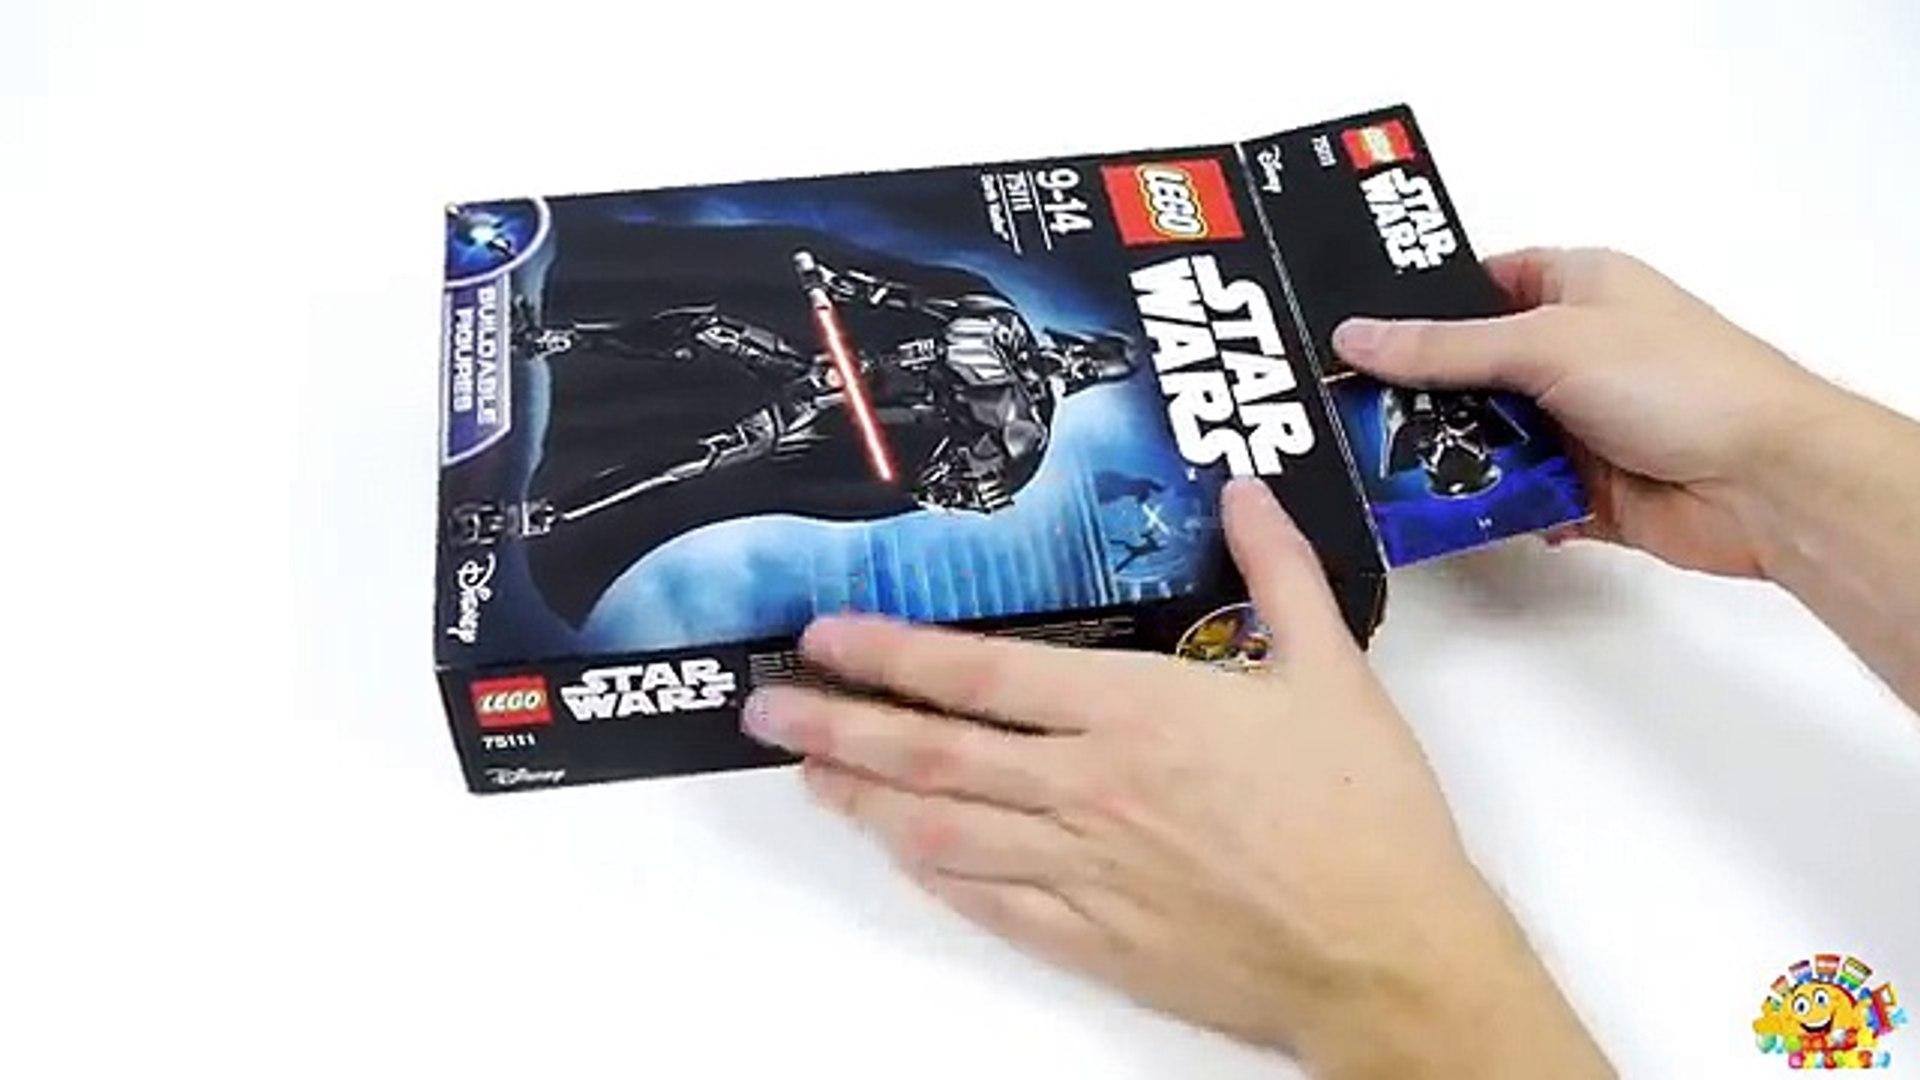 Dessin Animé Mouvement étoile Arrêter Jouets Vidéo Contre Blême Guerres Lego 75111 Darth Vader 75109 Obi Kenobi Fo